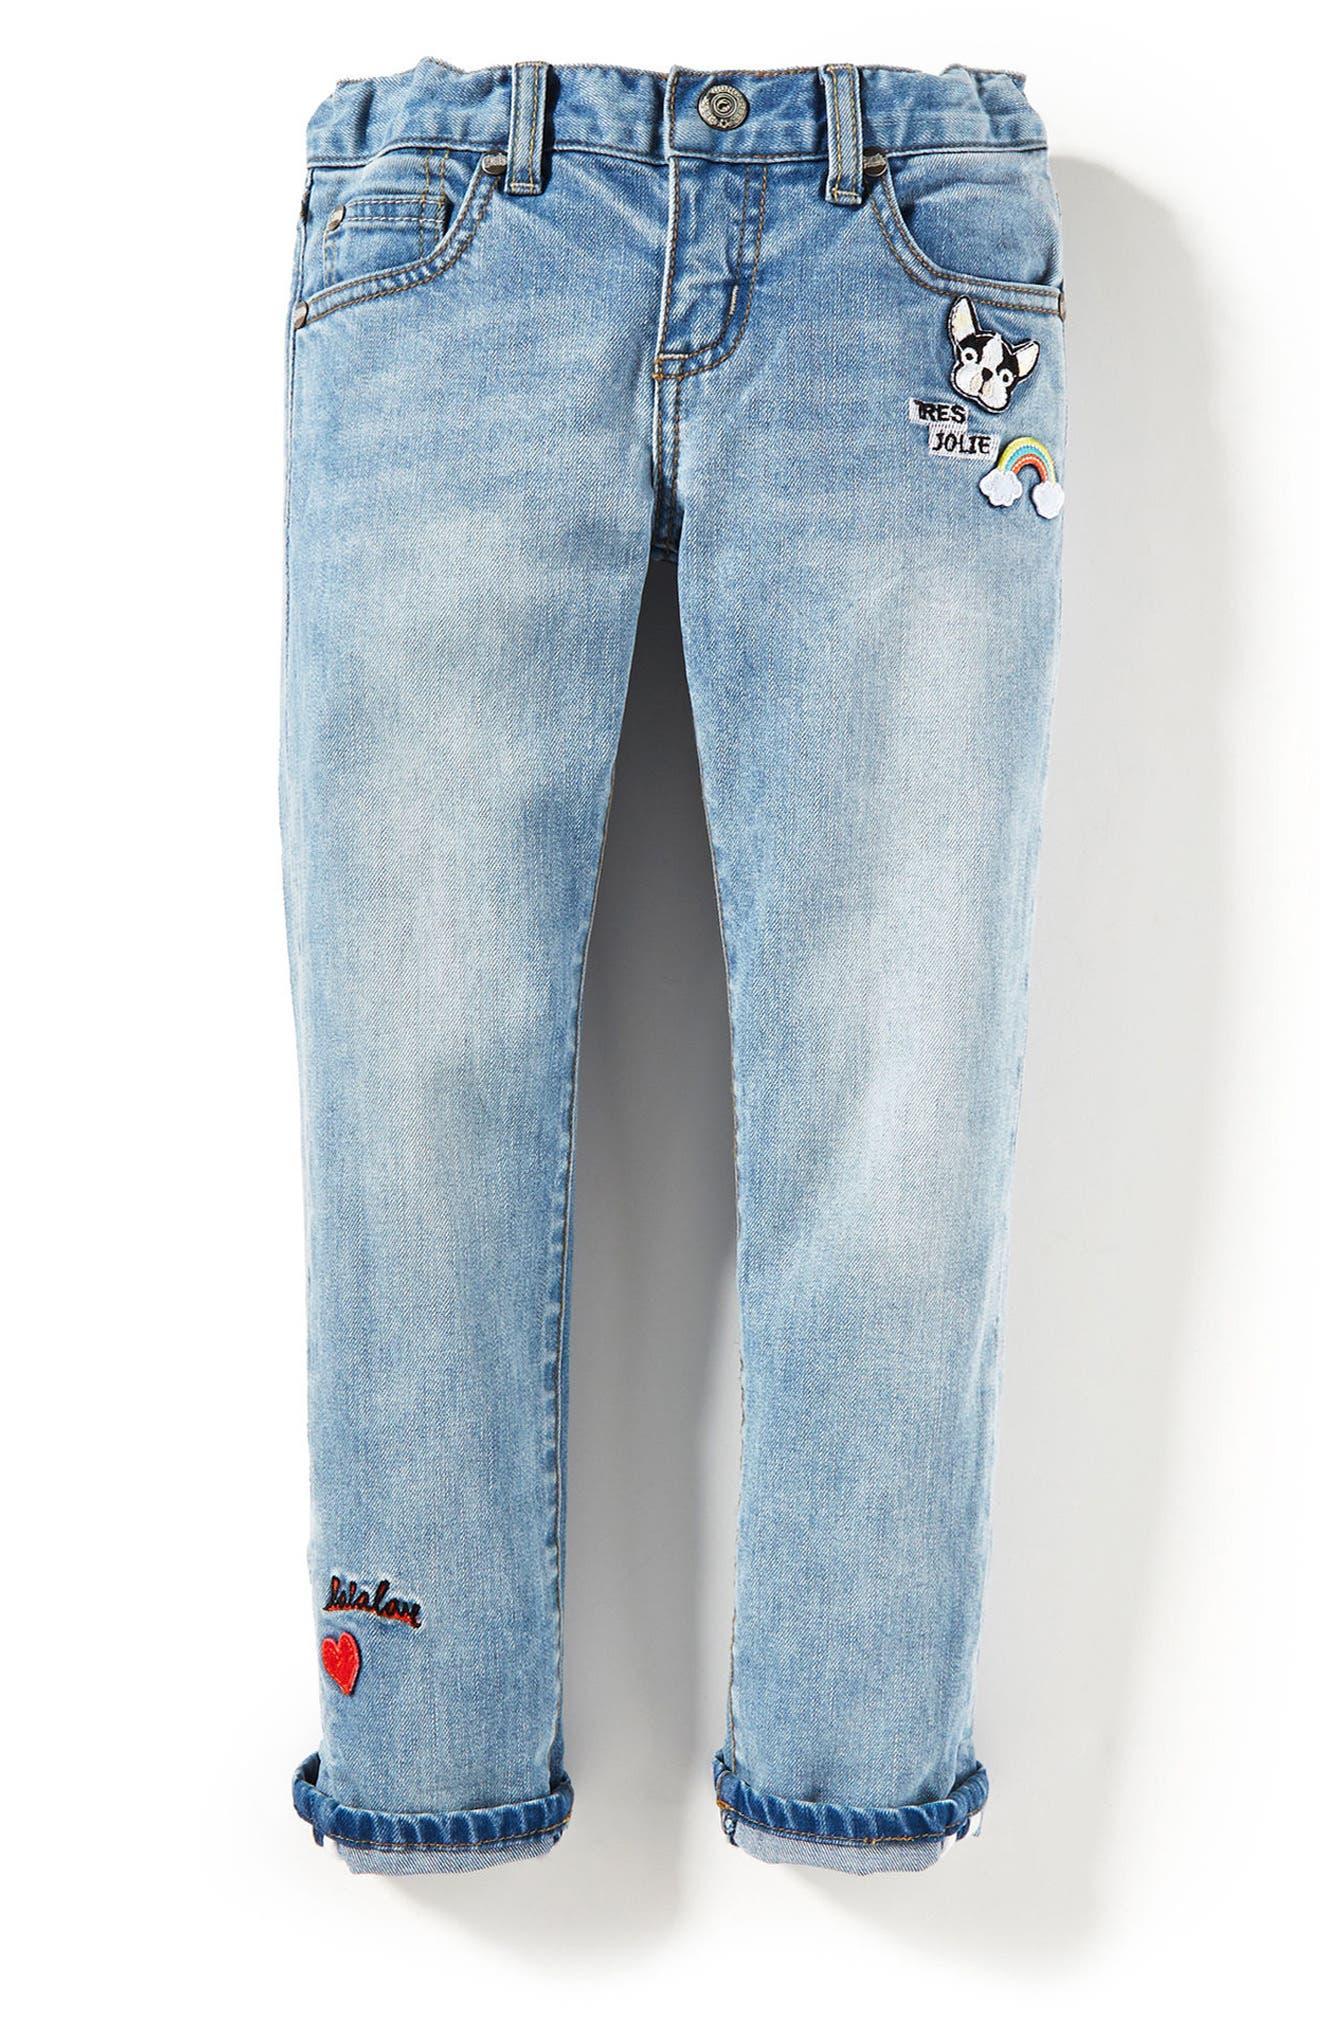 Greta Patch Skinny Jeans,                         Main,                         color, Medium Authentic